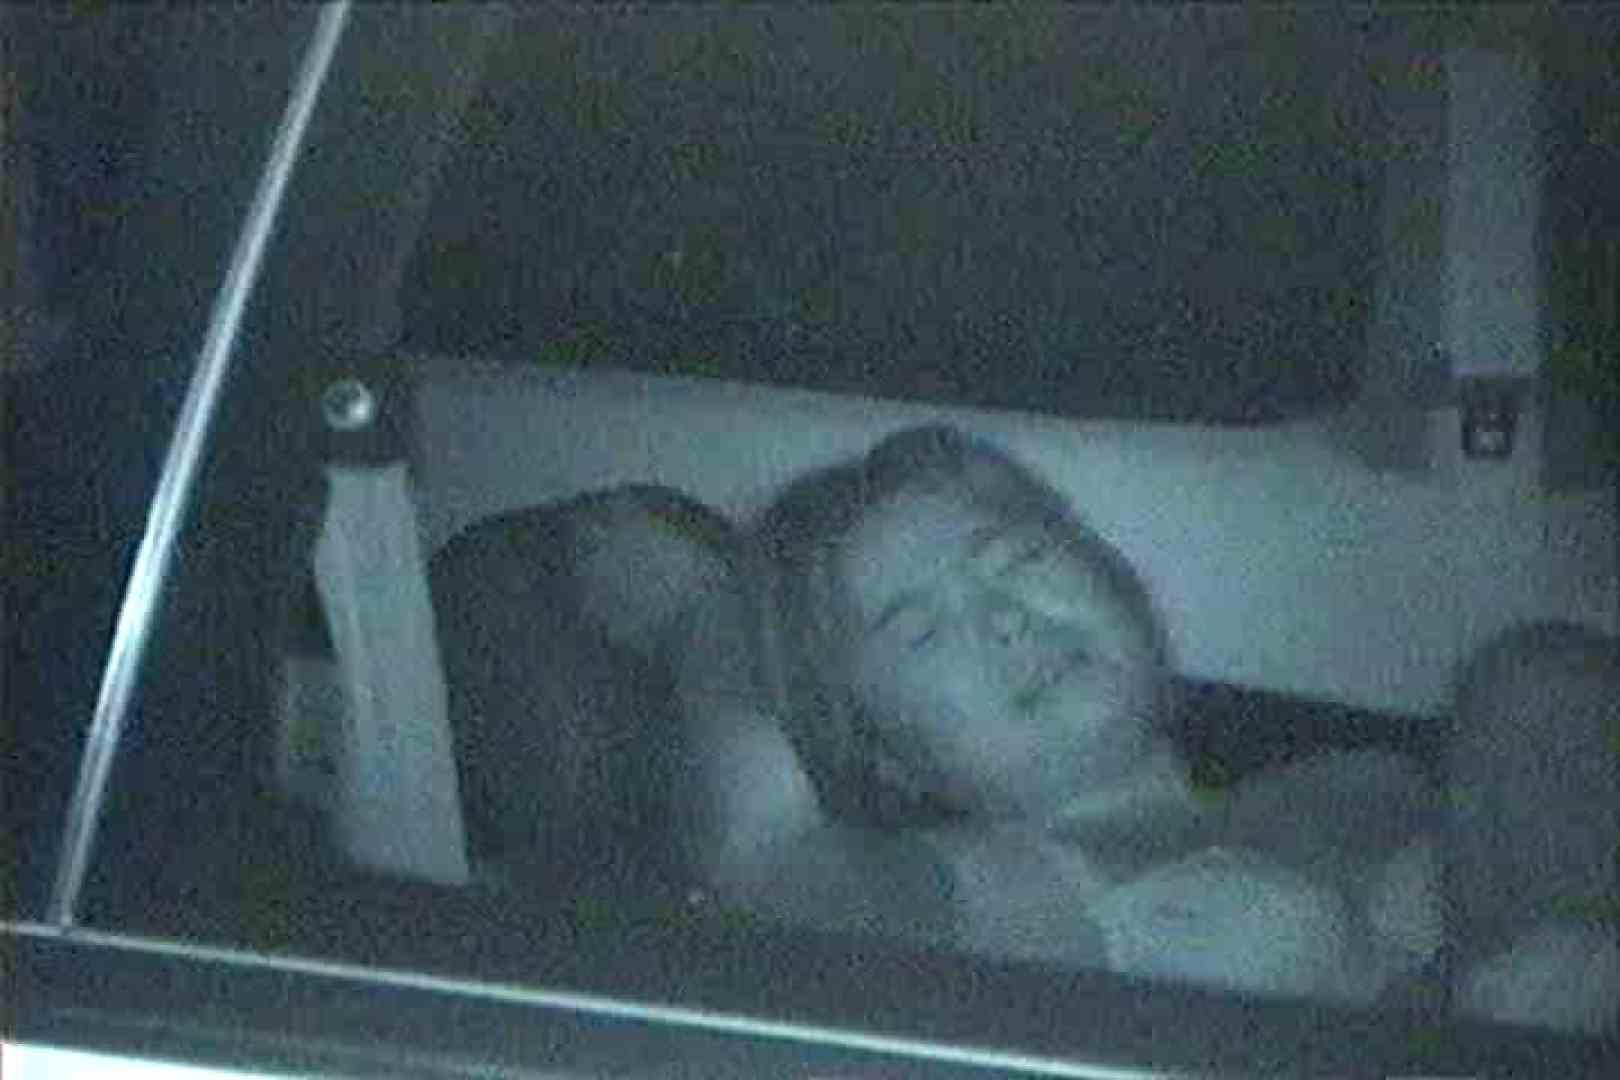 車の中はラブホテル 無修正版  Vol.24 車 スケベ動画紹介 56pic 52